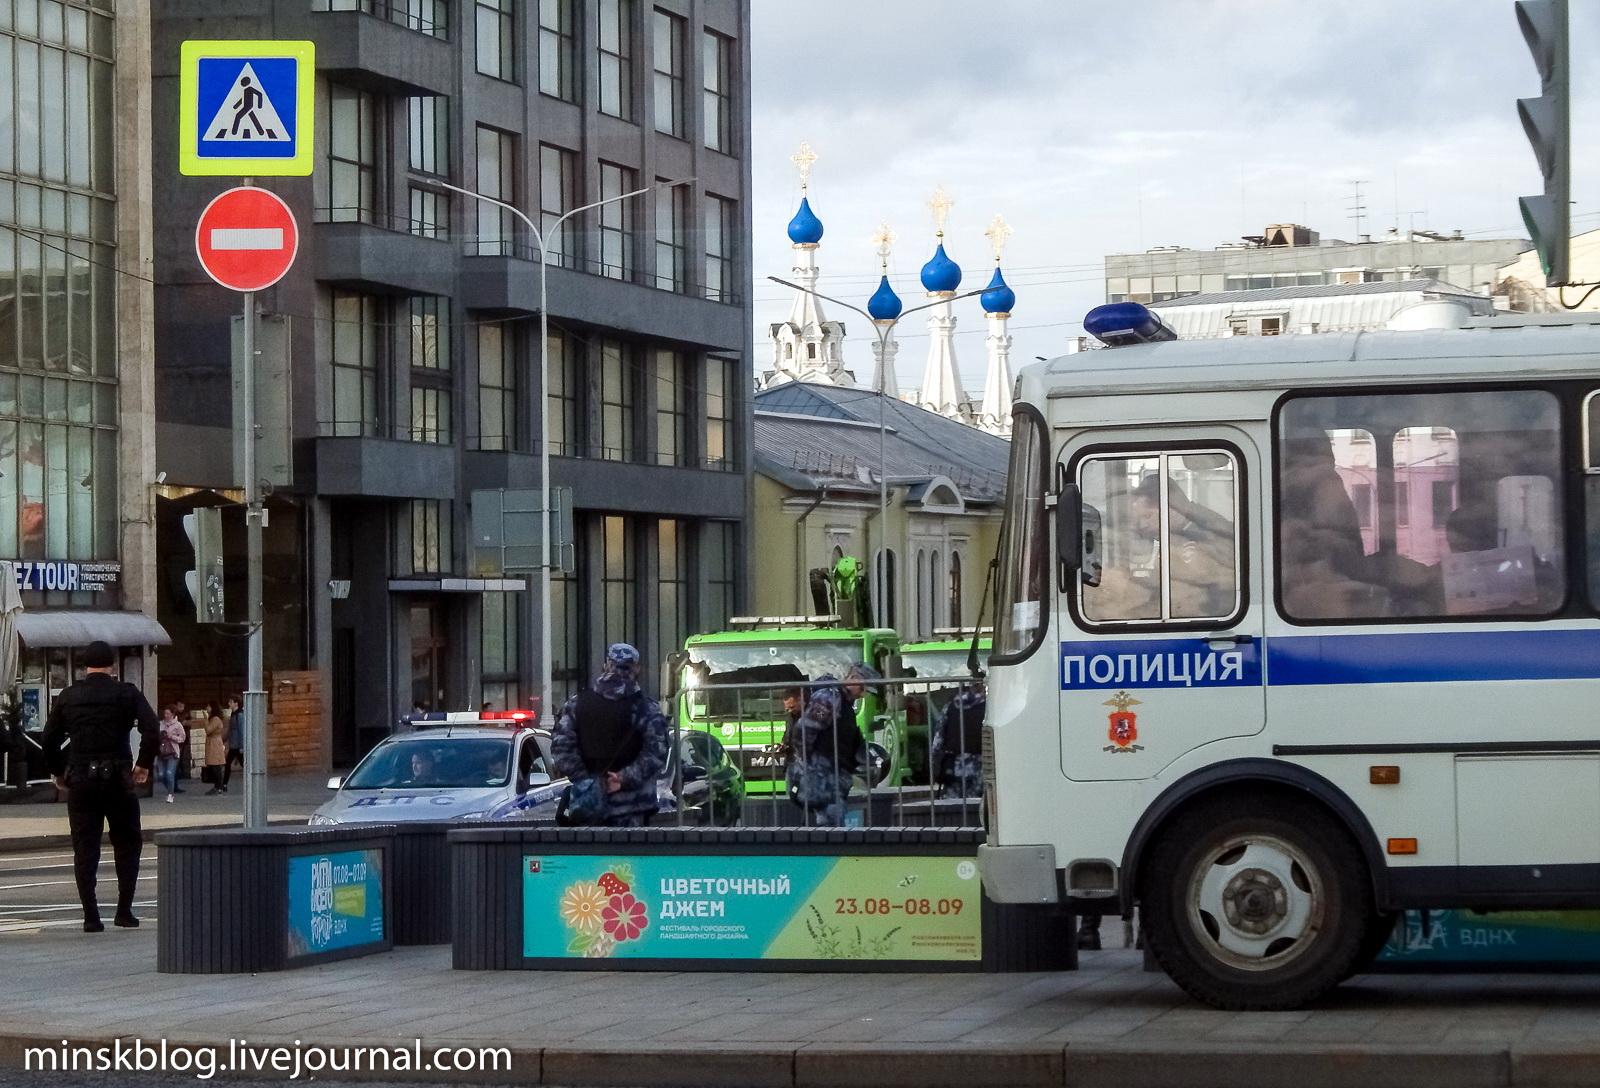 Изнанка московского протеста. Почему москвичи выходят на улицы на самом деле?